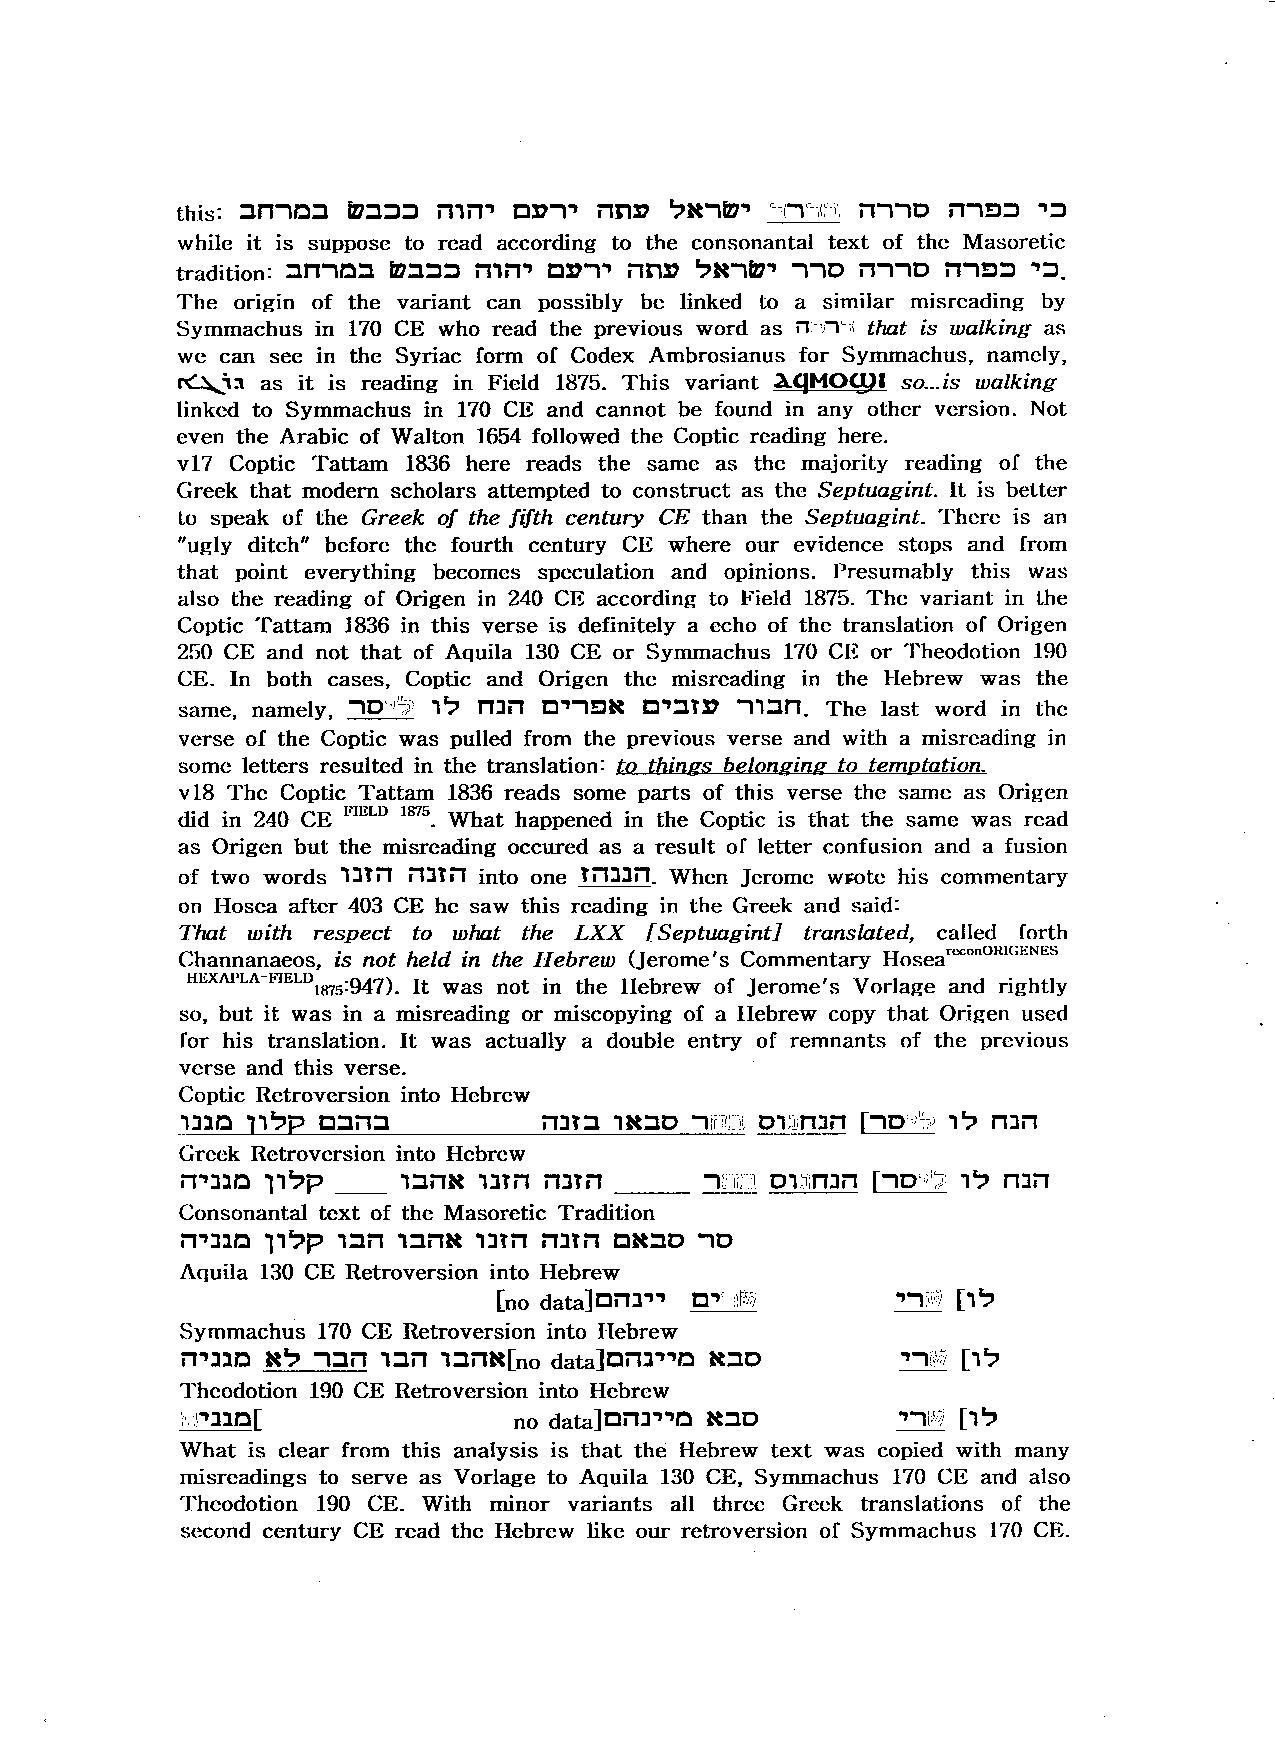 coptic of hosea in english 4e.jpg